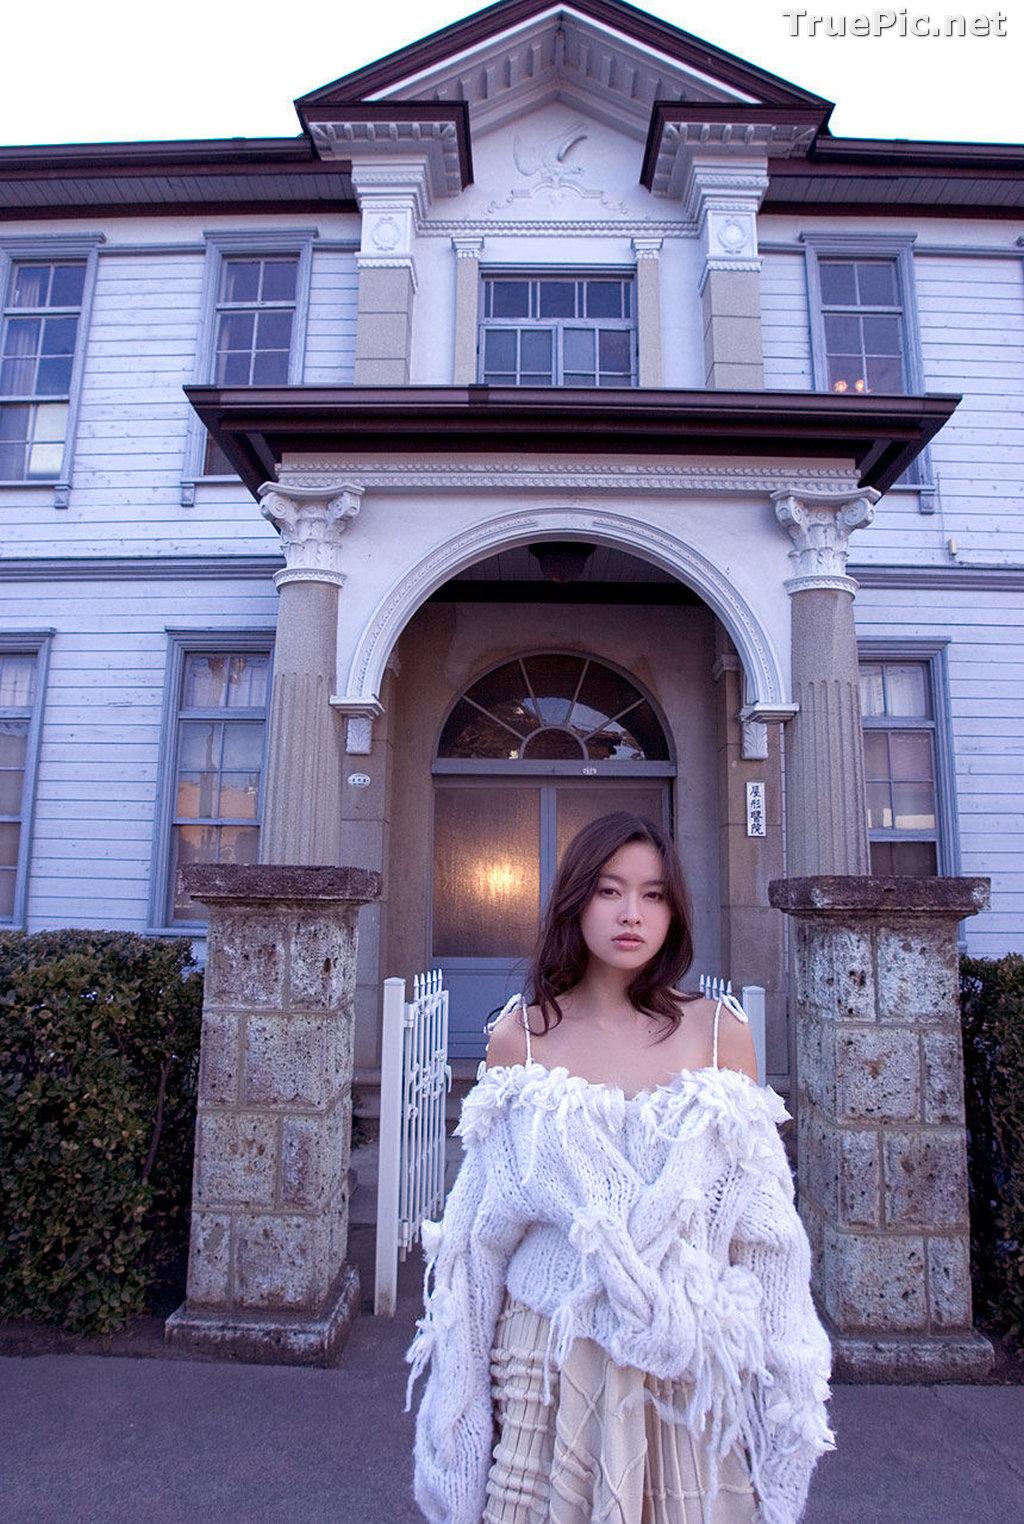 Image Japanese Actress and Model - Sayaka Yoshino - Saya Photo Album - TruePic.net - Picture-2